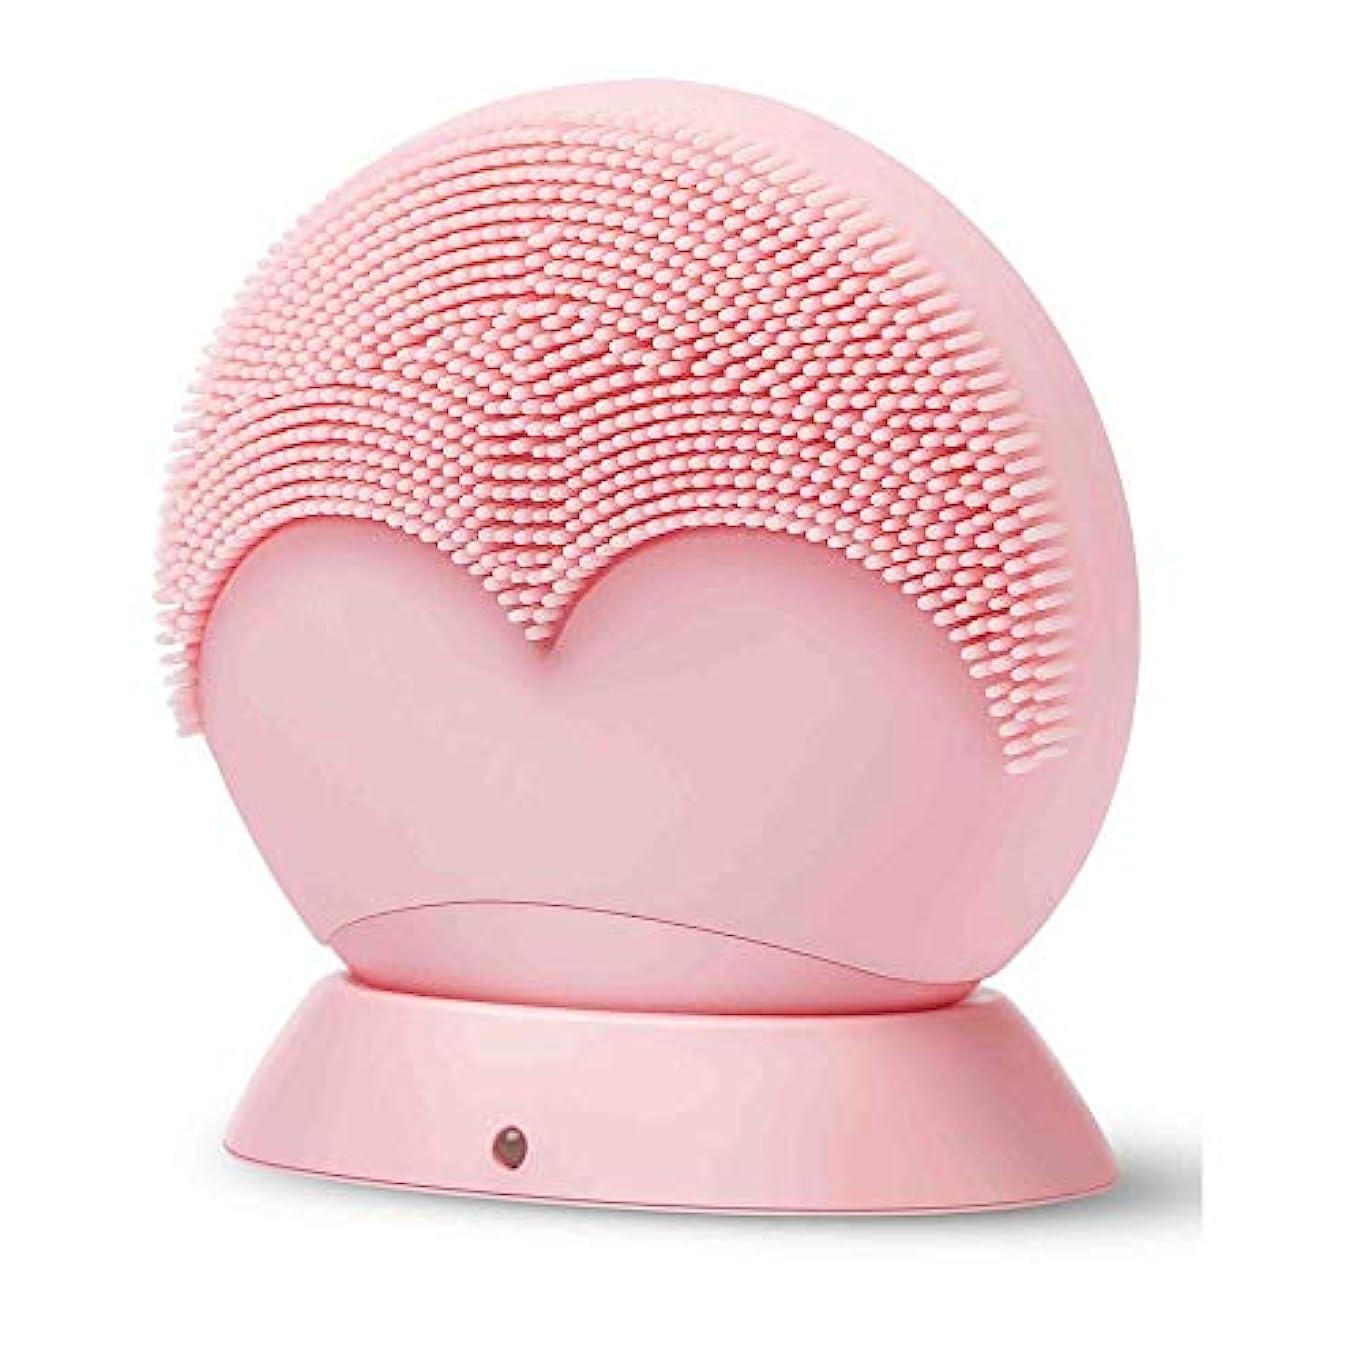 とまり木レンダリング多様なZXF ワイヤレス充電超音波振動クレンジングブラシディープクリーンミュートシリコンクレンジング楽器防水 滑らかである (色 : Pink)